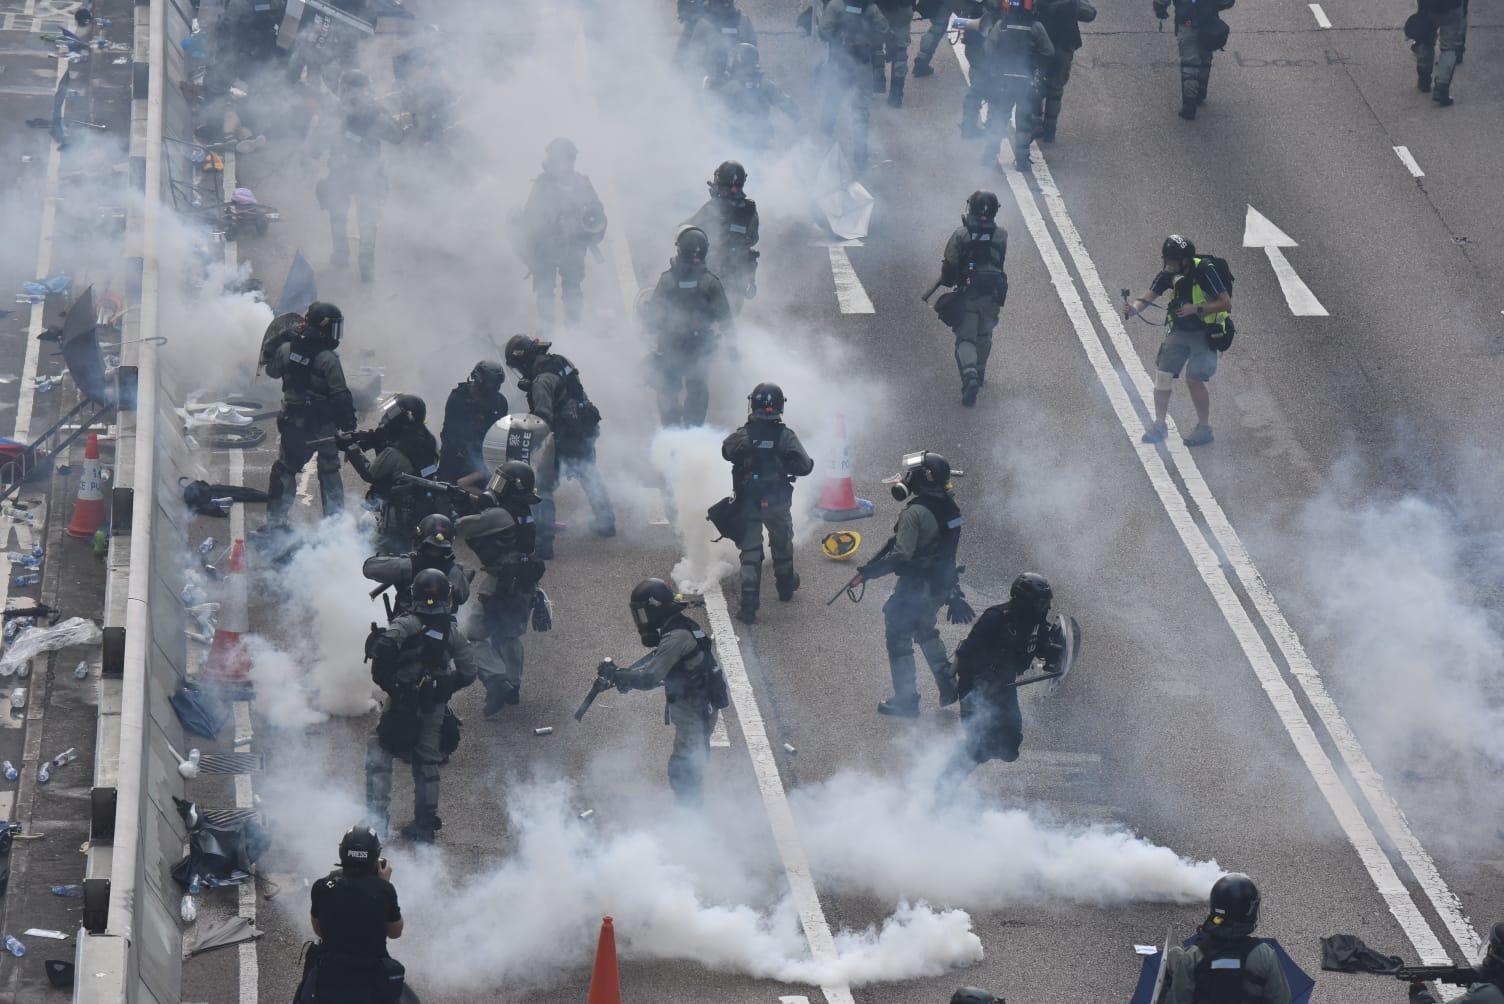 【修例风波】警方周日冲突拘捕过百人 政府谴责激进示威者严重违法行为